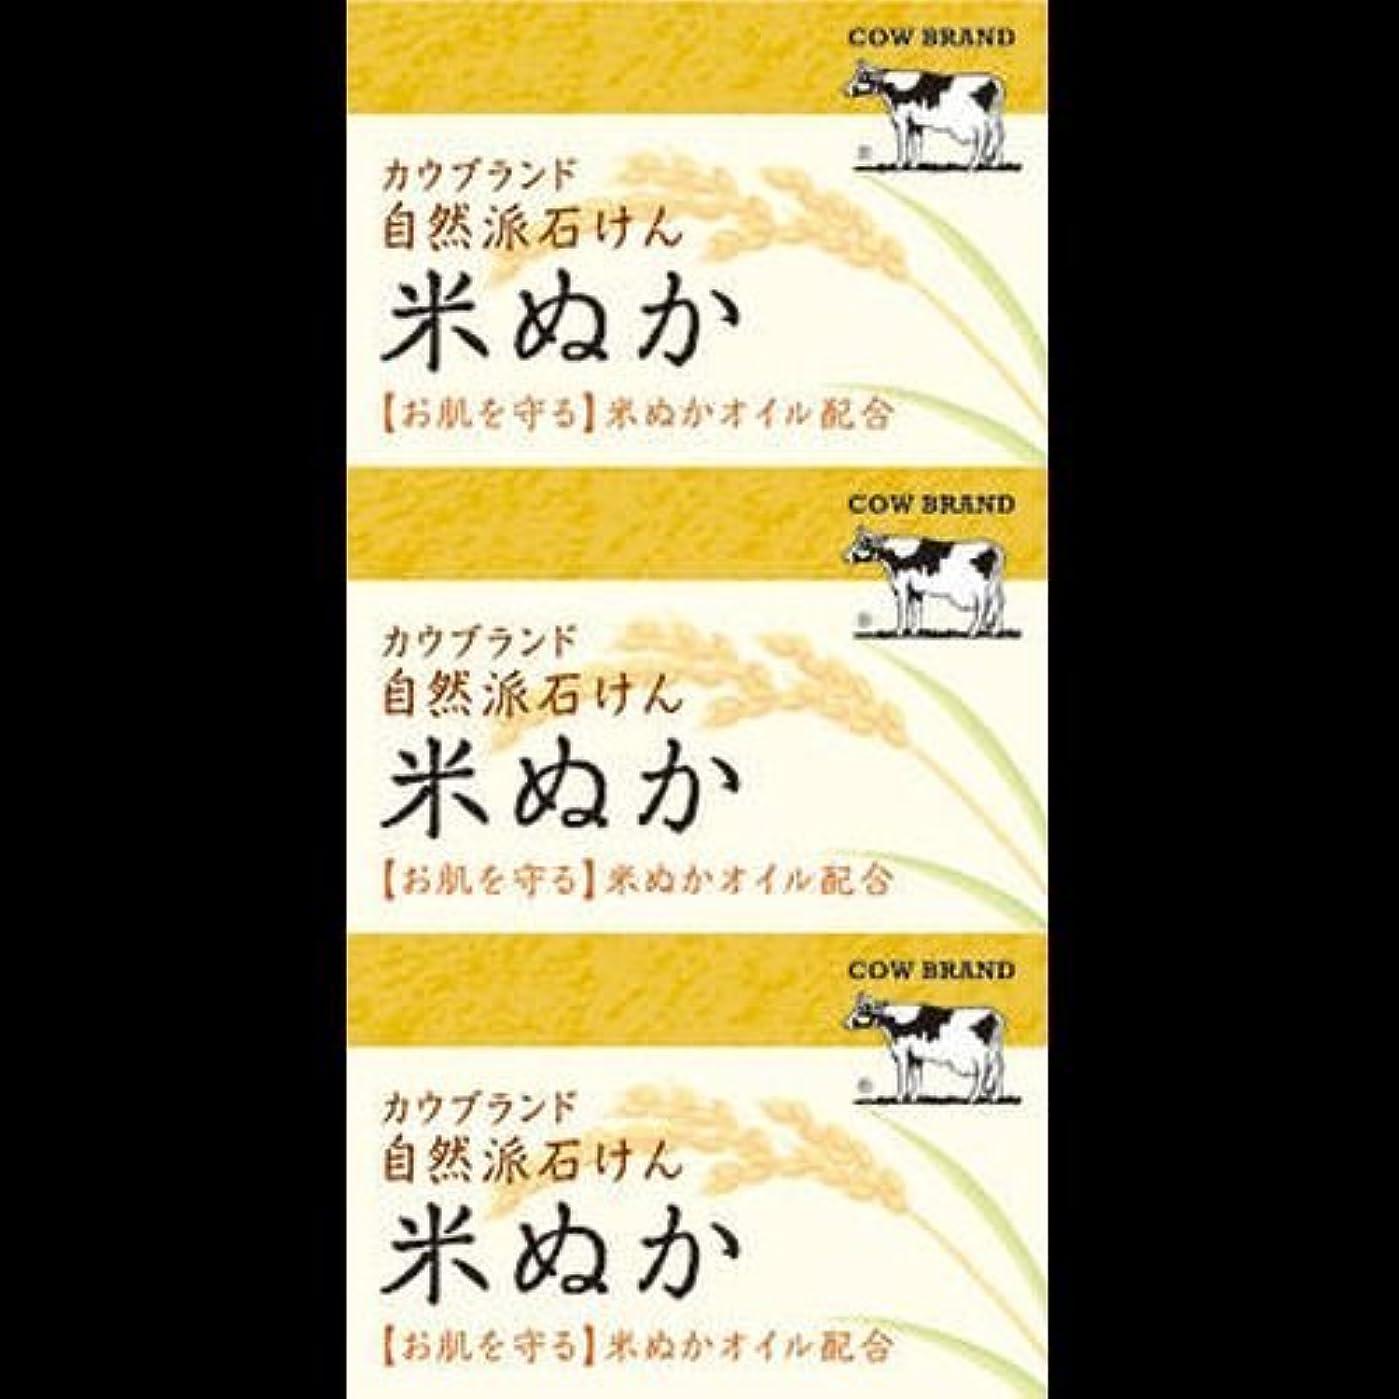 神学校消す内側【まとめ買い】カウブランド 自然派石けん 米ぬか 100g*3個 ×2セット